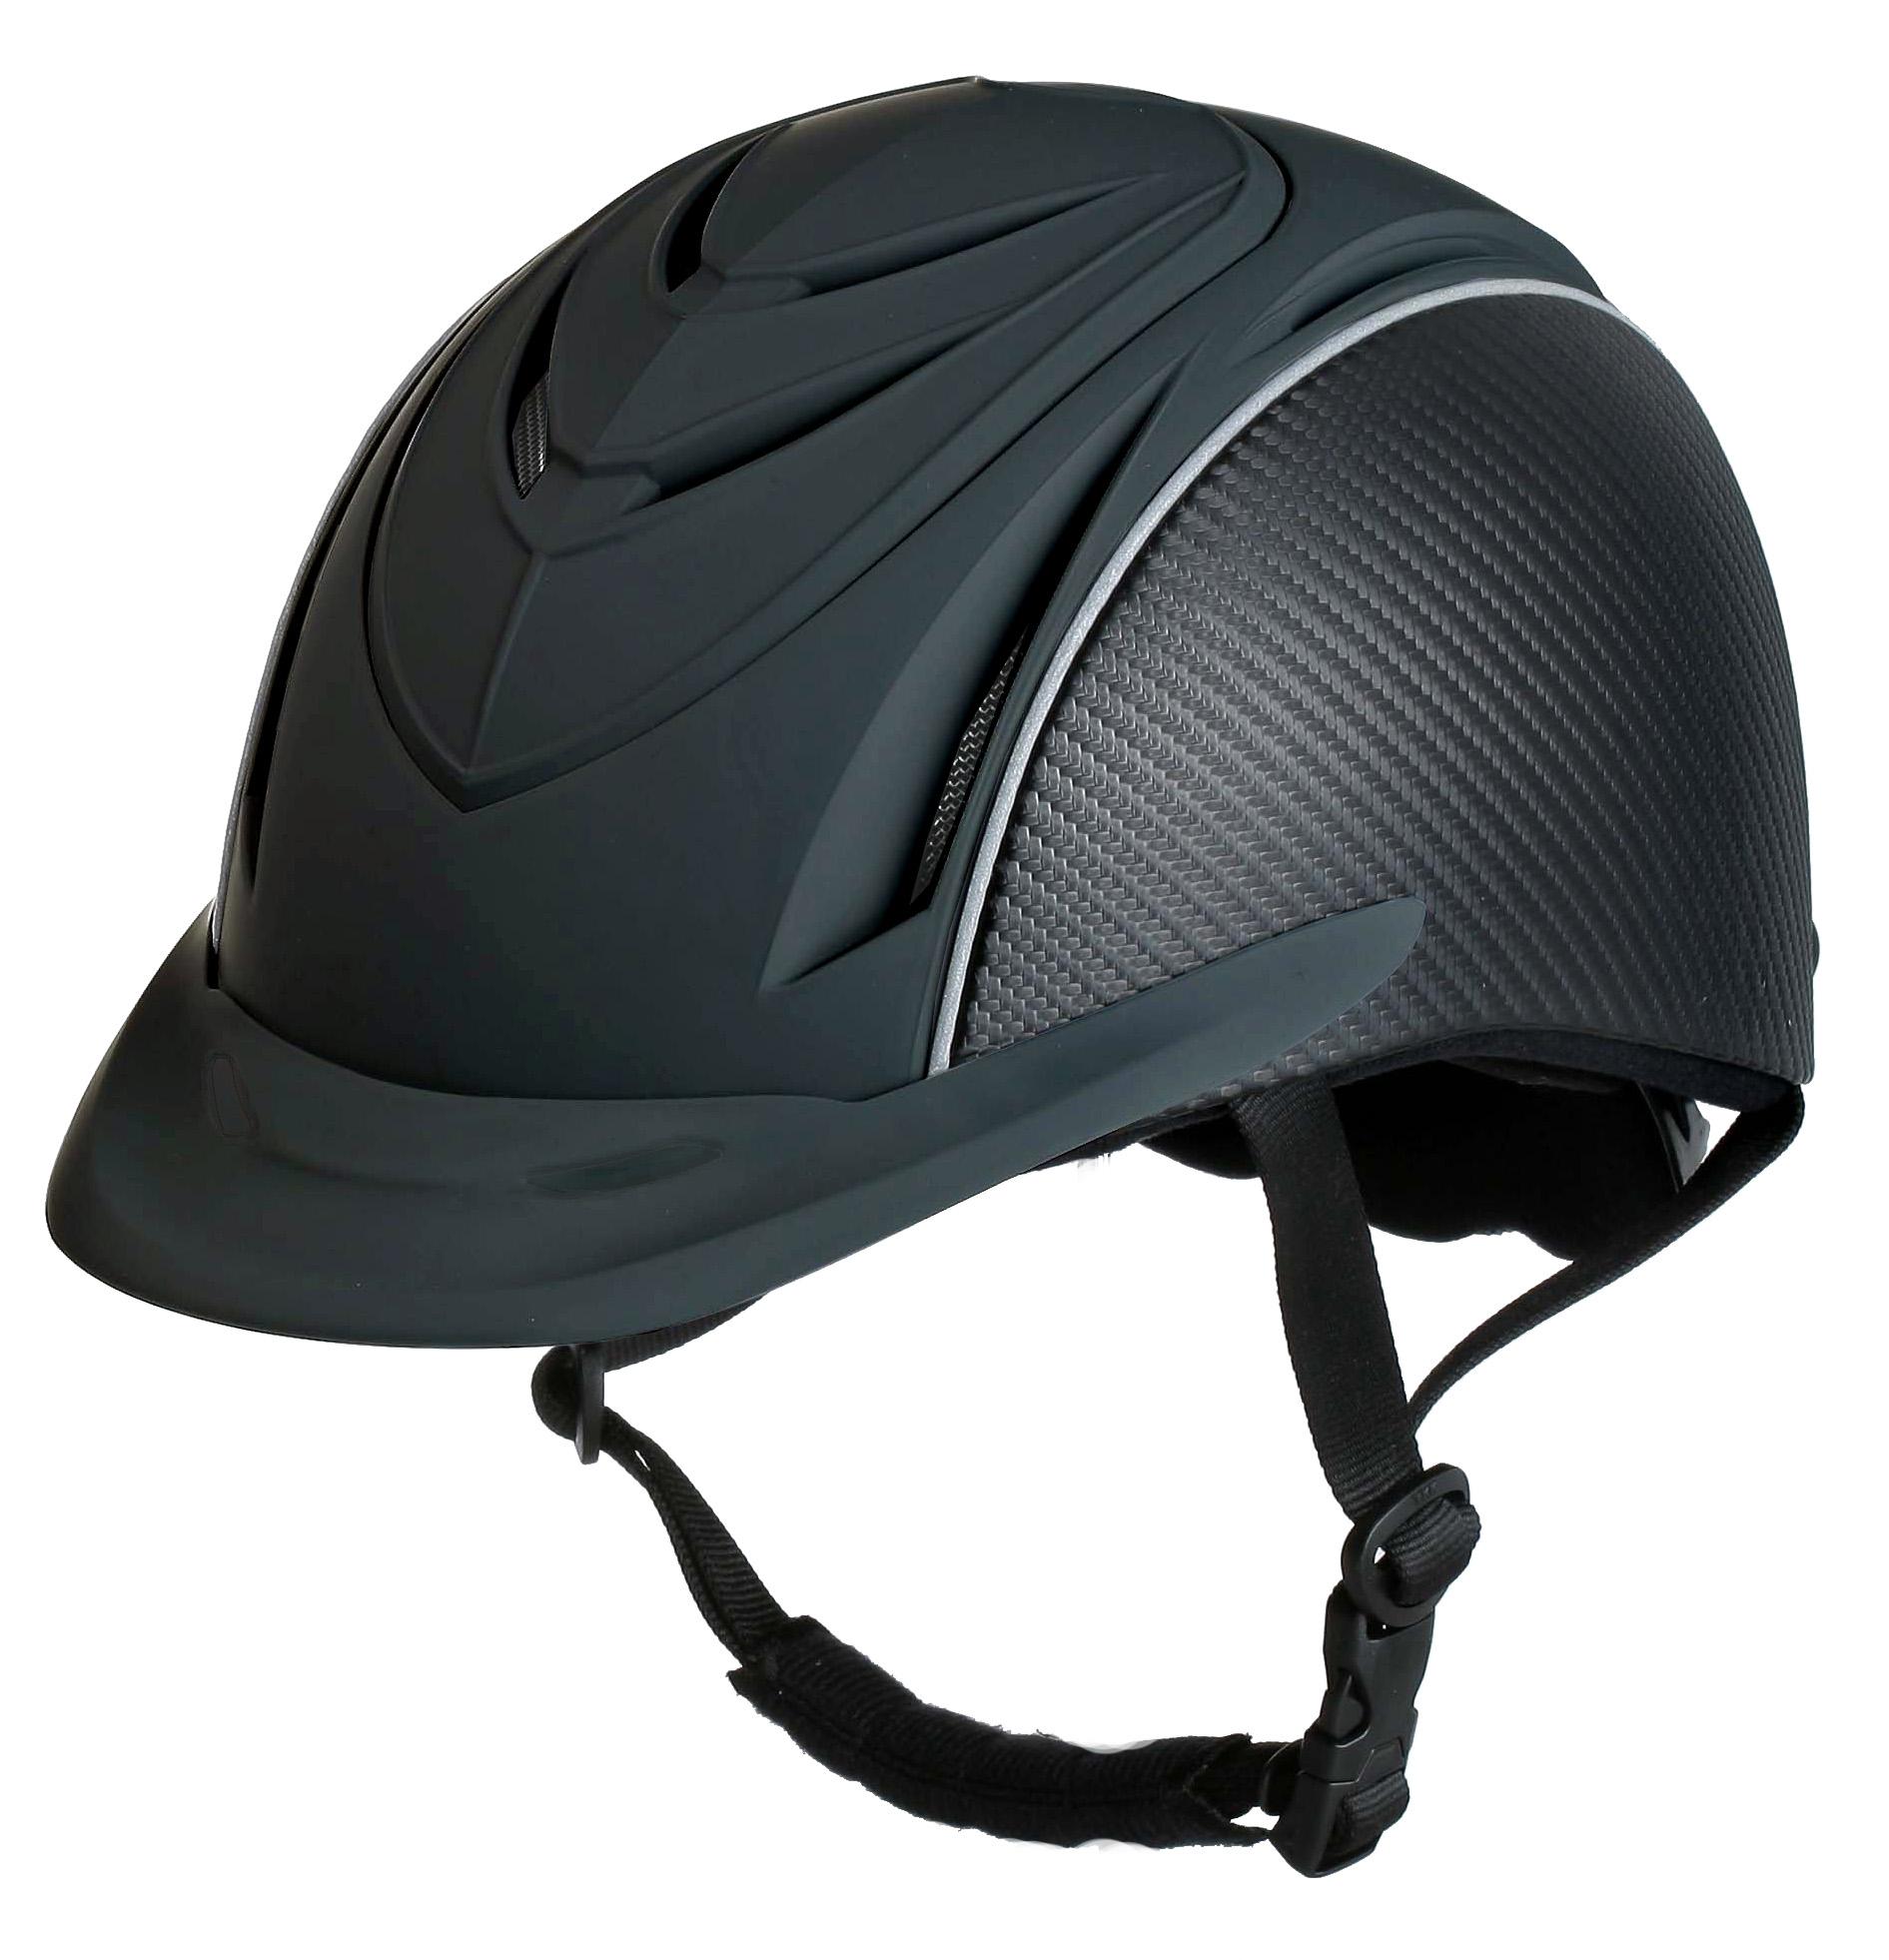 Lami-Cell Elite Helmet